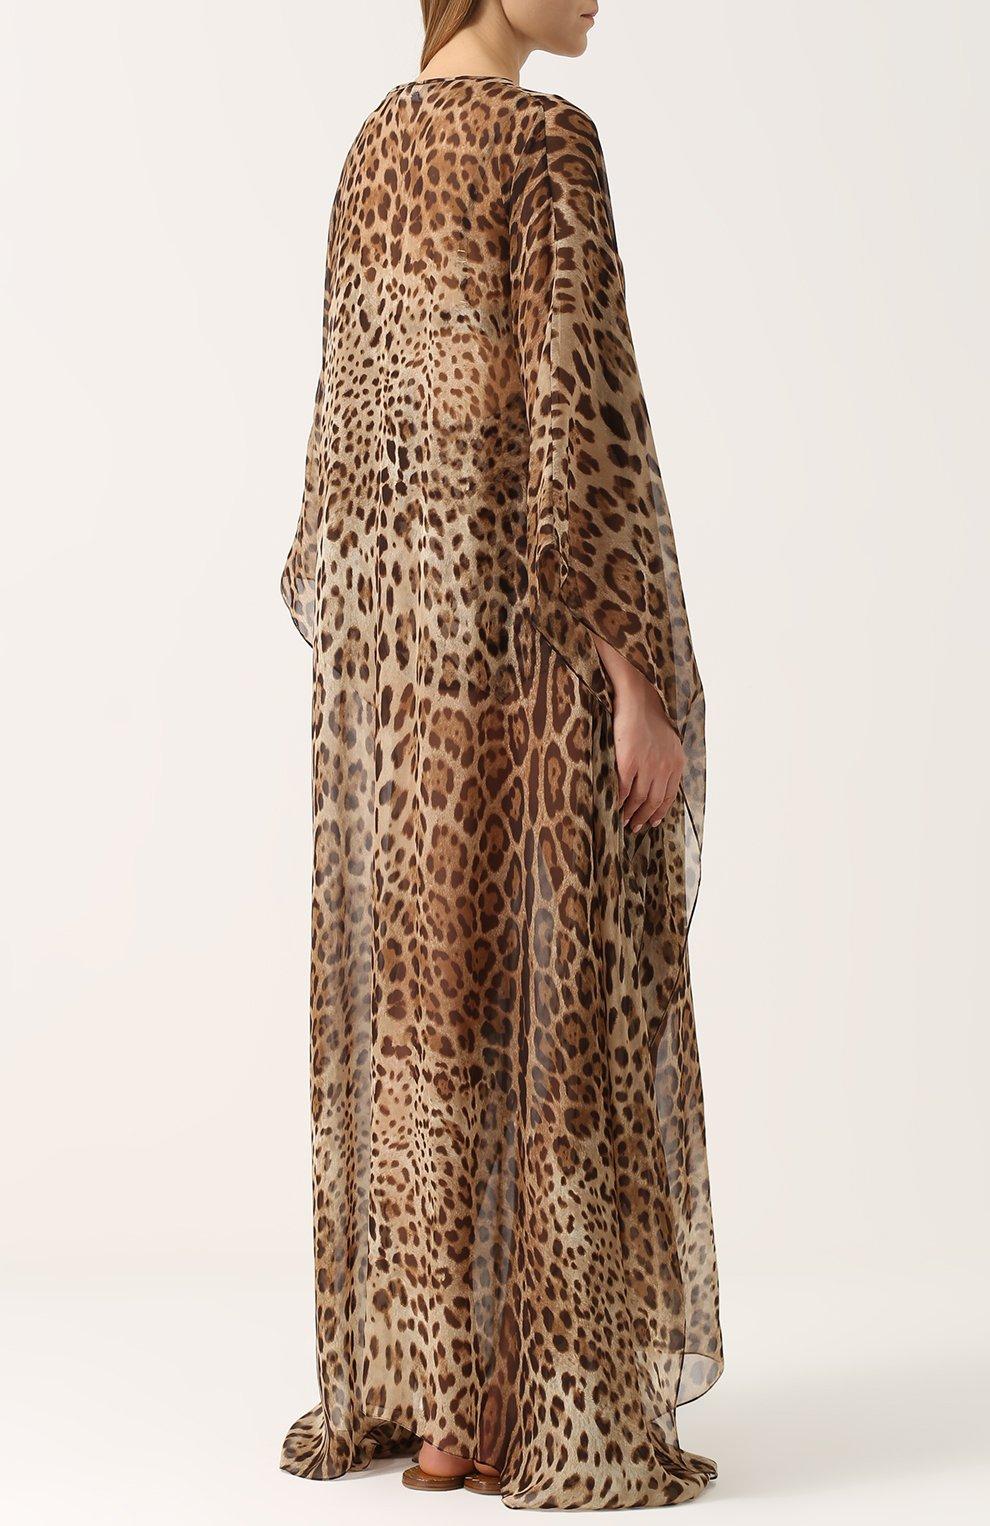 Шелковое платье-макси с леопардовым принтом Dolce & Gabbana леопардовое | Фото №4